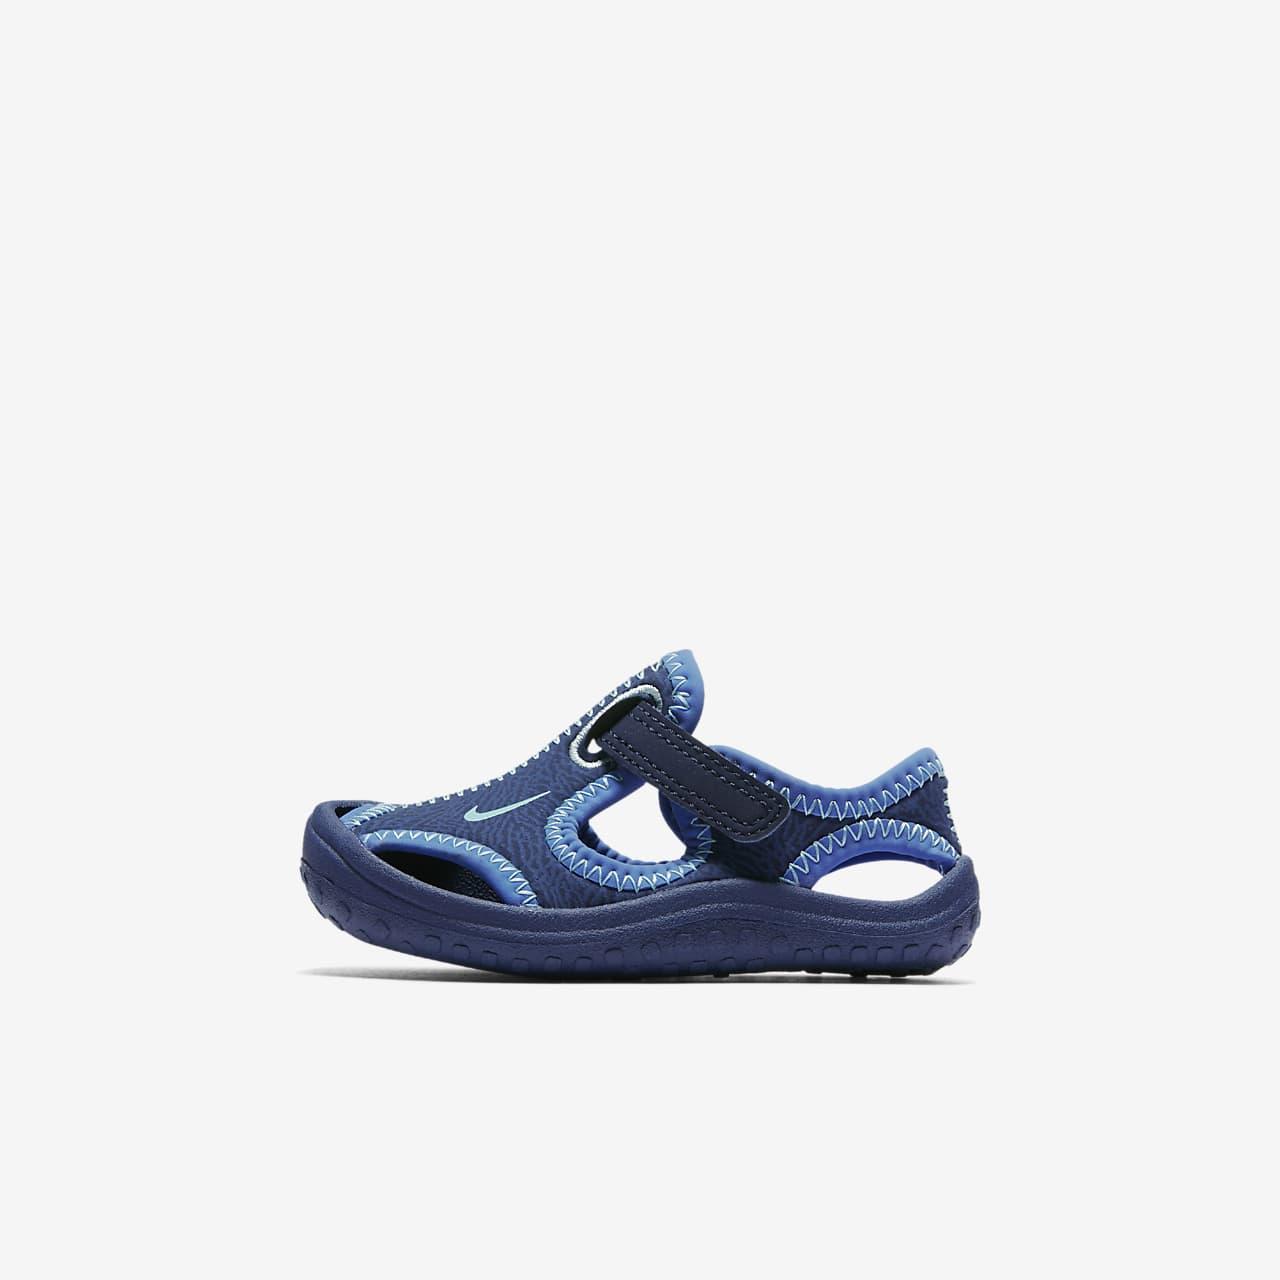 รองเท้าแตะเด็กวัยหัดเดิน Nike Sunray Protect